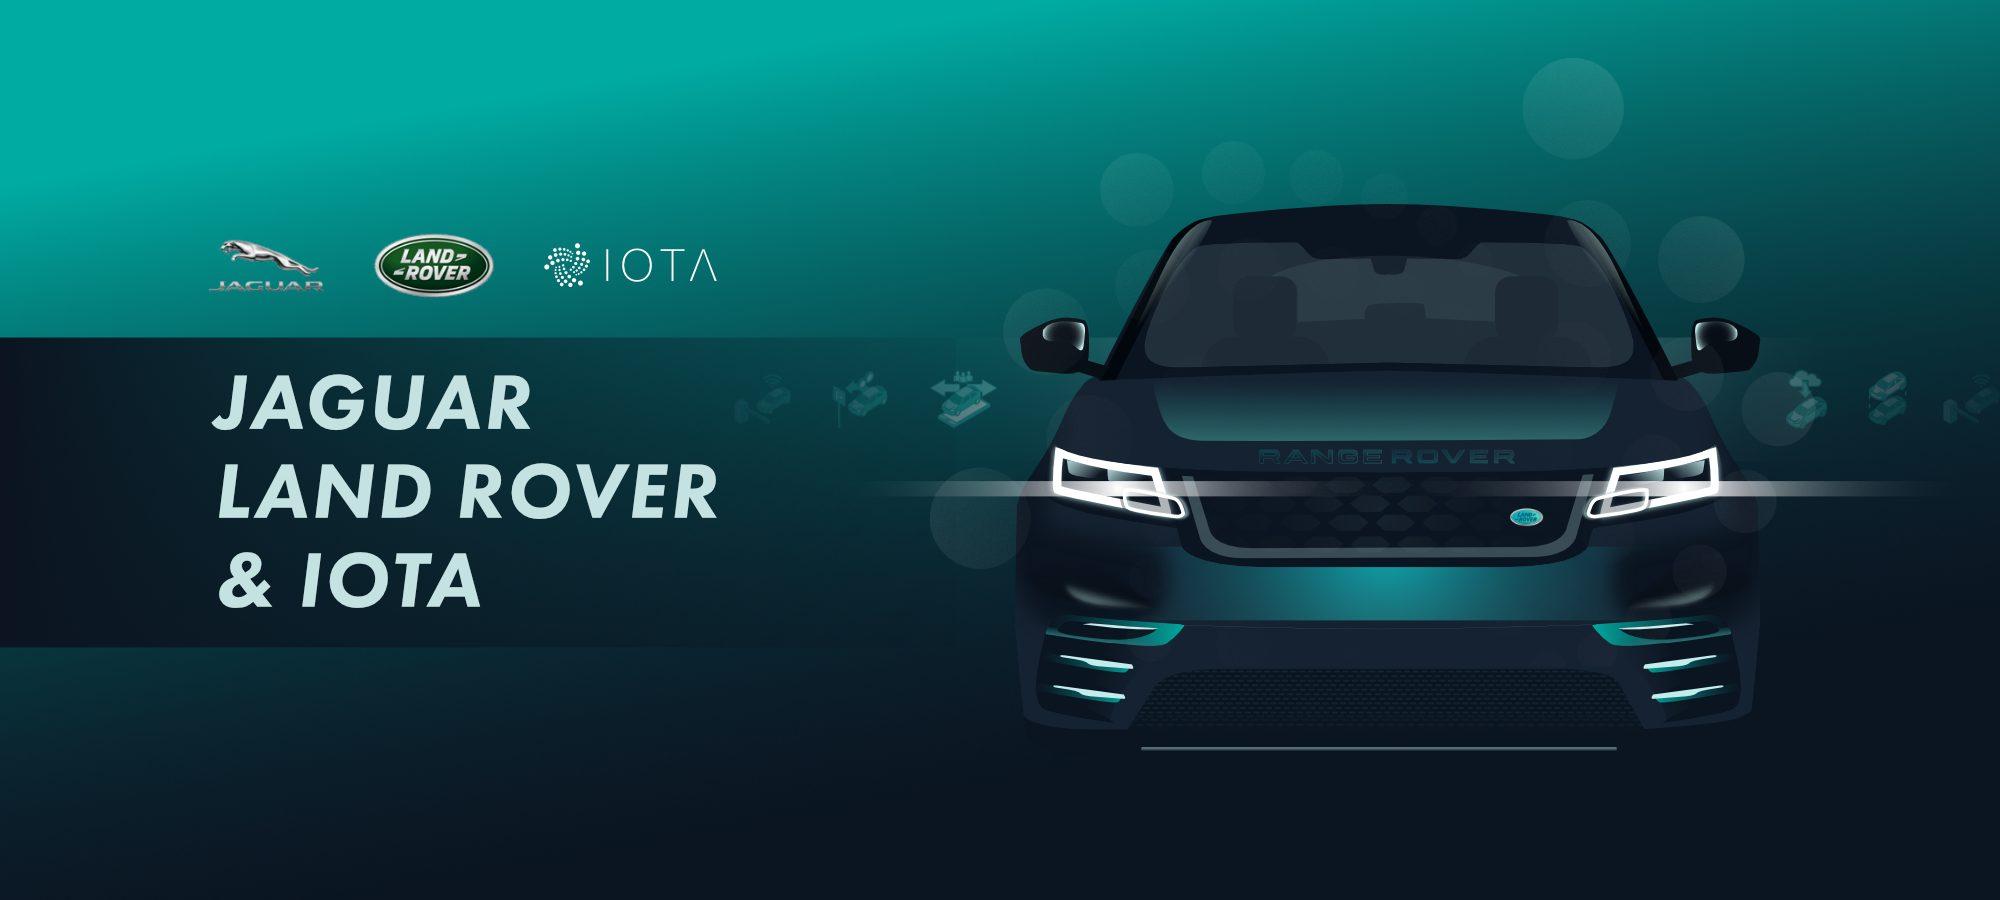 IOTA CAN BE INTEGRATED INTO JAGUAR LAND ROVER CAR